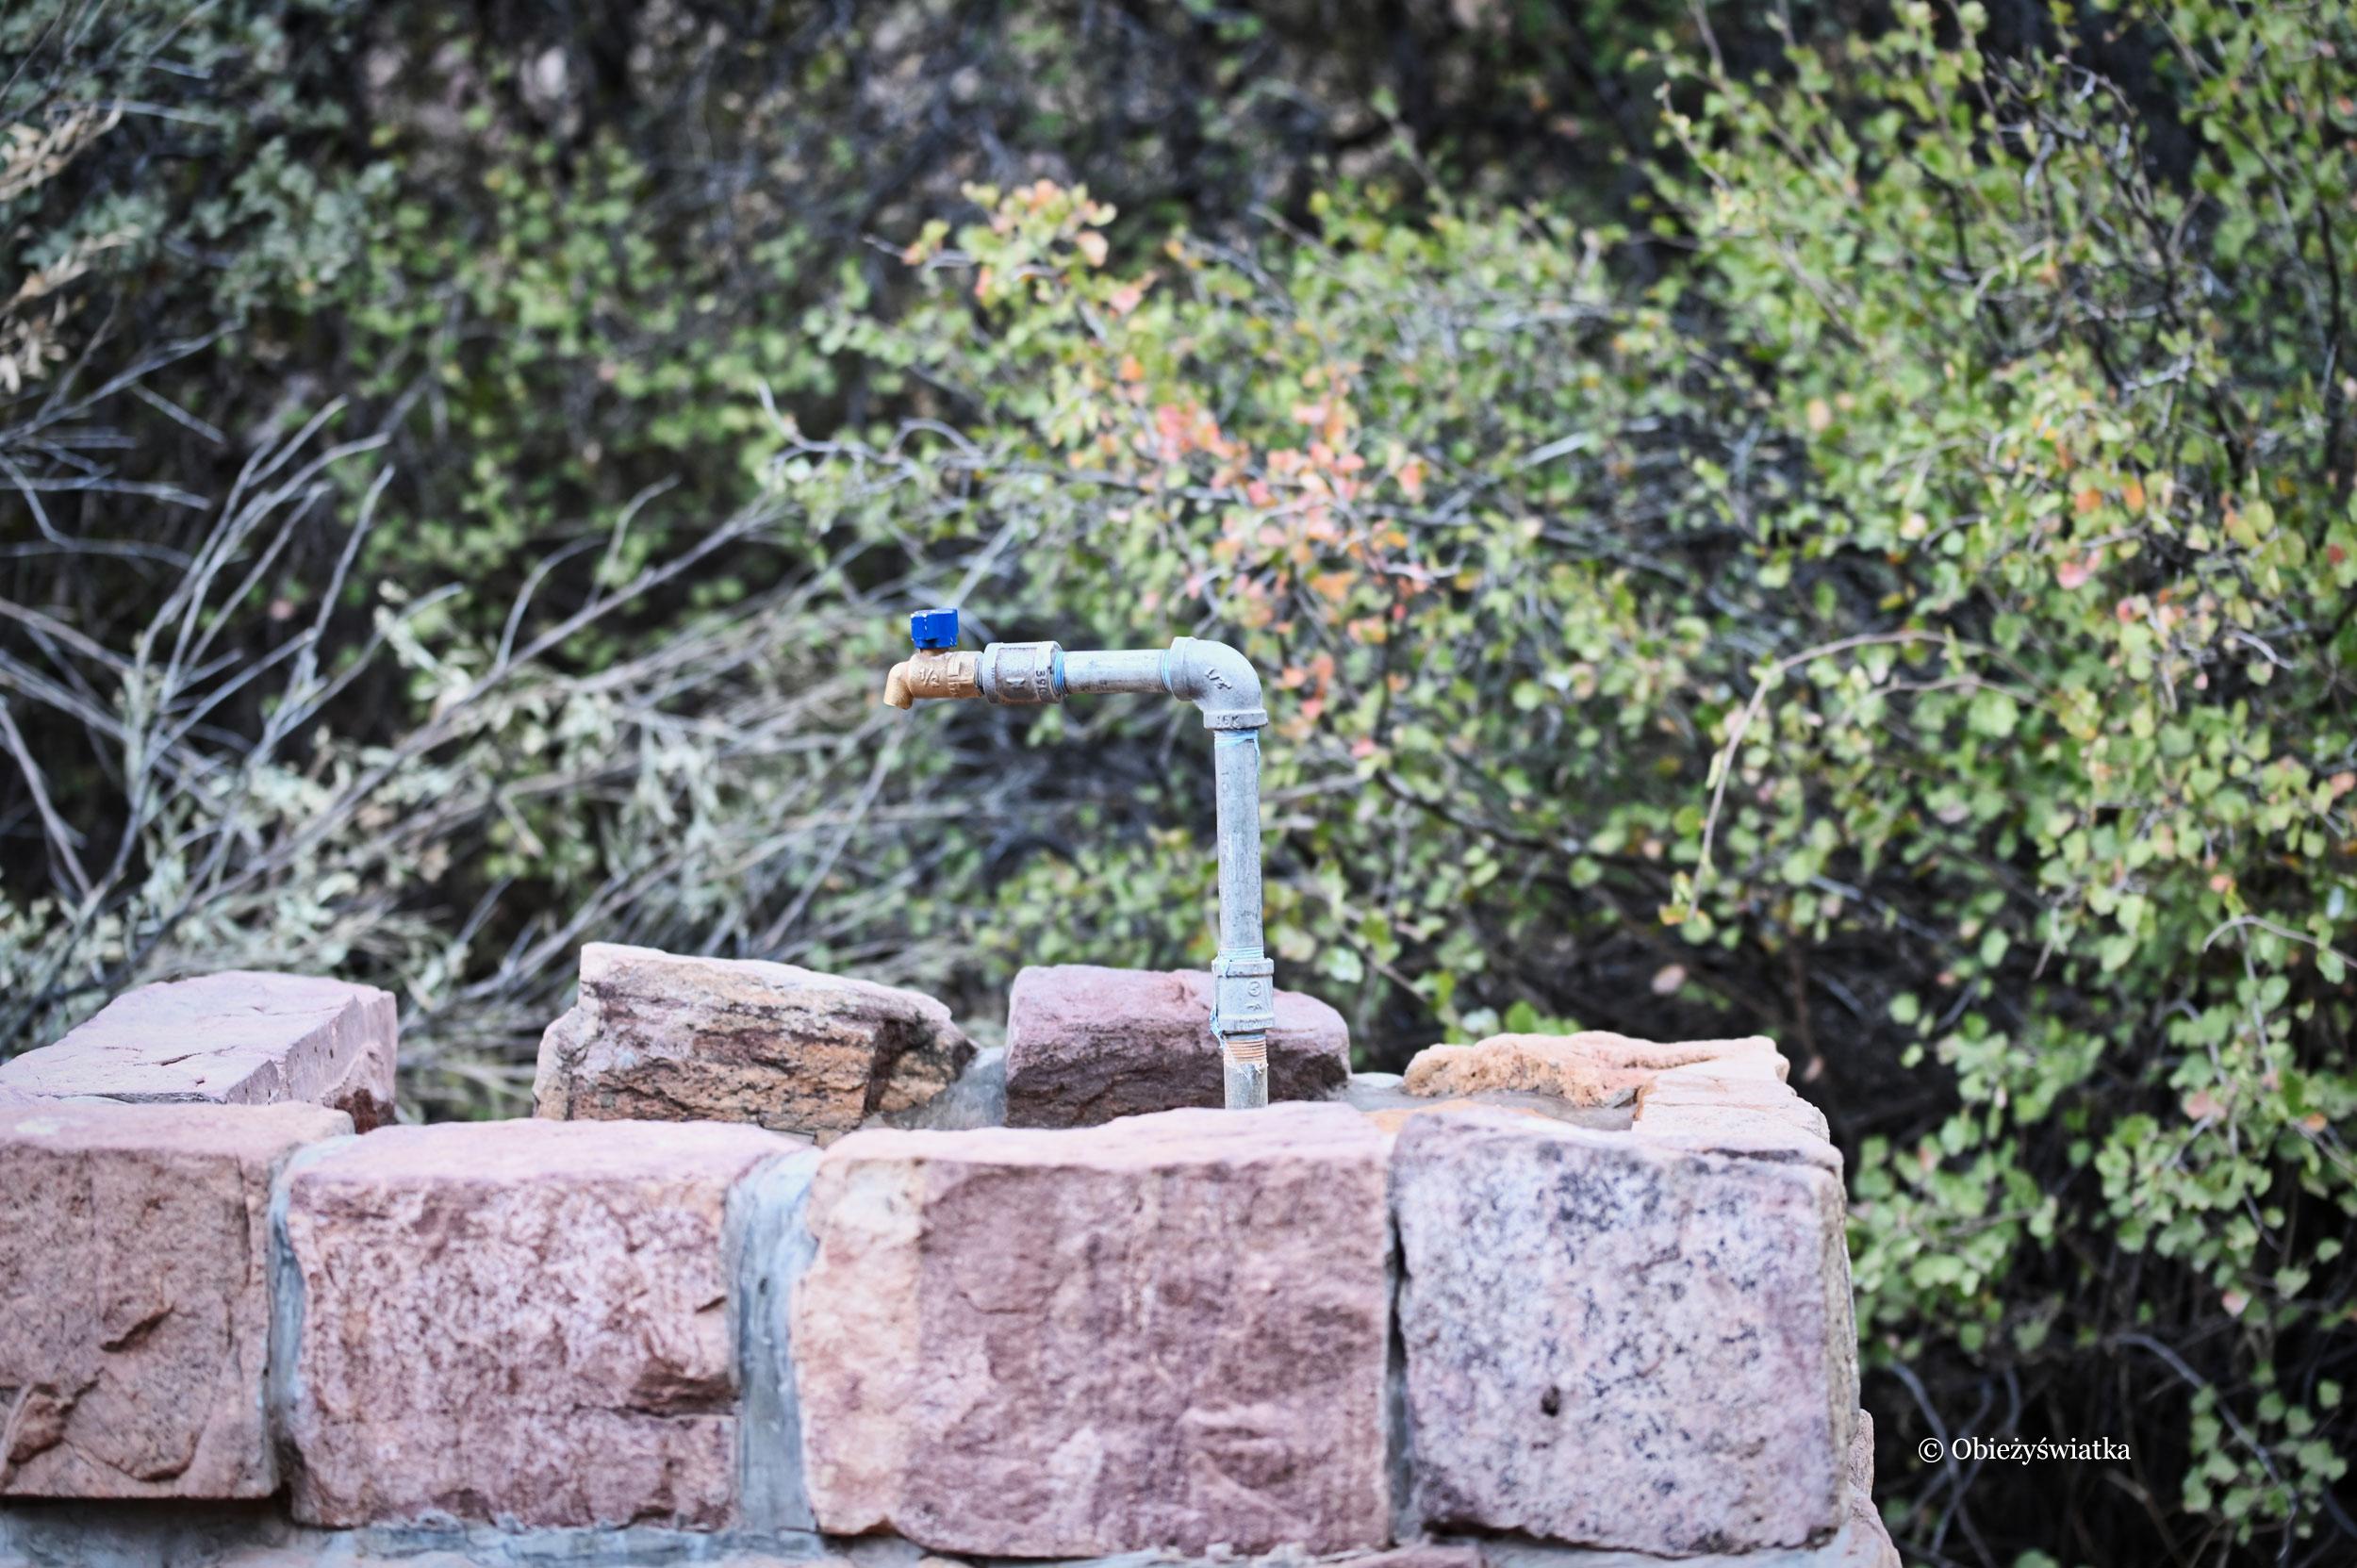 North Kaibab Trail - jedno z miejsc, gdzie dostępna jest woda do picia, Grand Canyon, Arizona